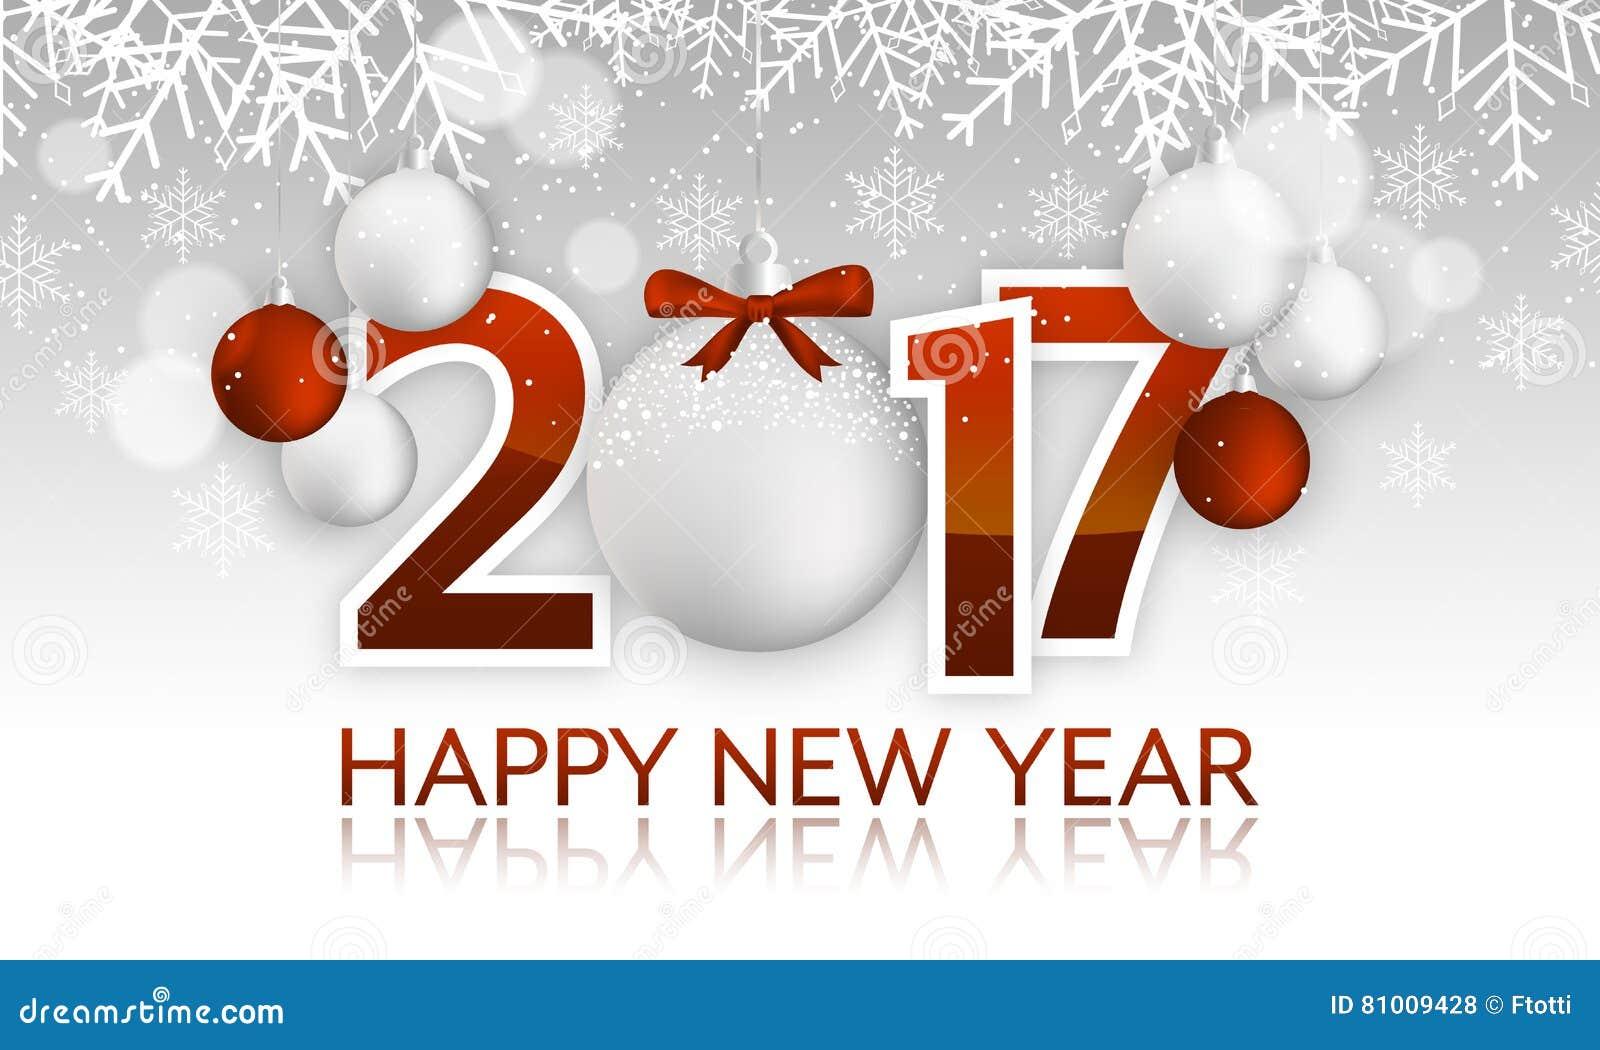 Rubrik eller baner för lyckligt nytt år 2017 med den hängande struntsaken, pilbåge, snöflingor, snö